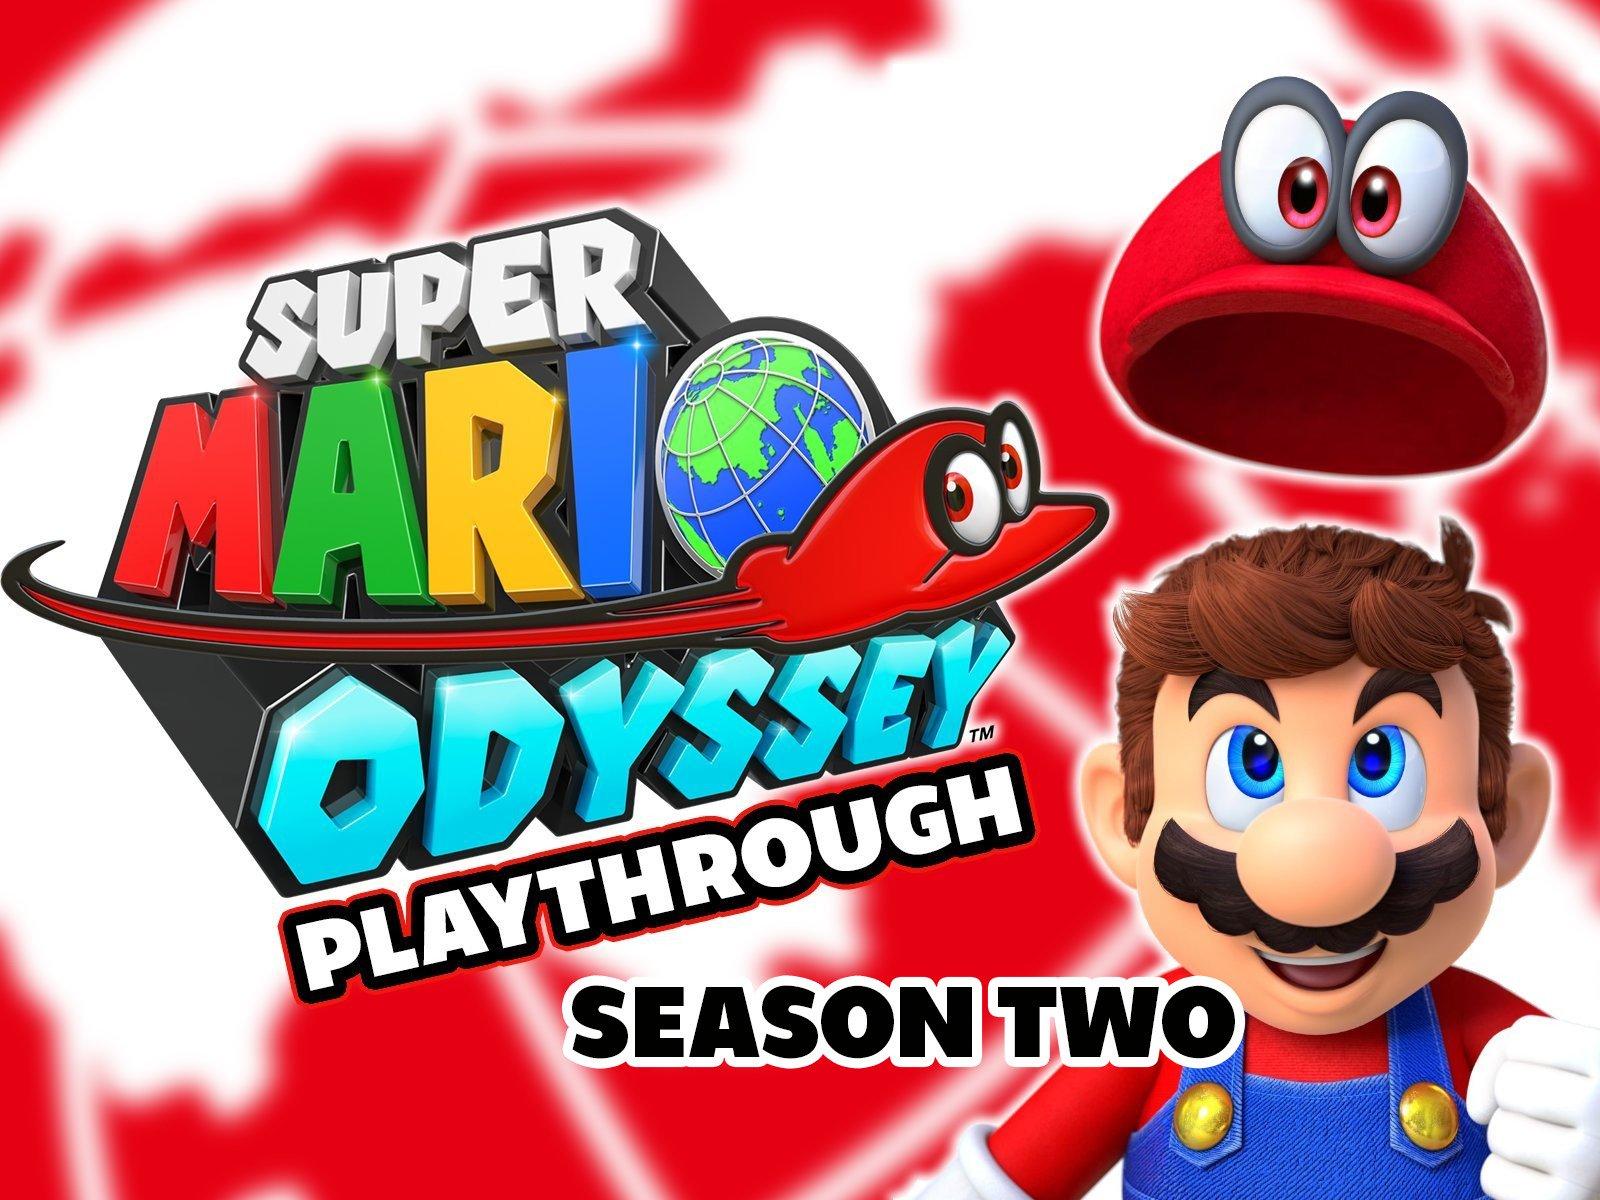 Clip: Super Mario Odyssey Playthrough - Season 2